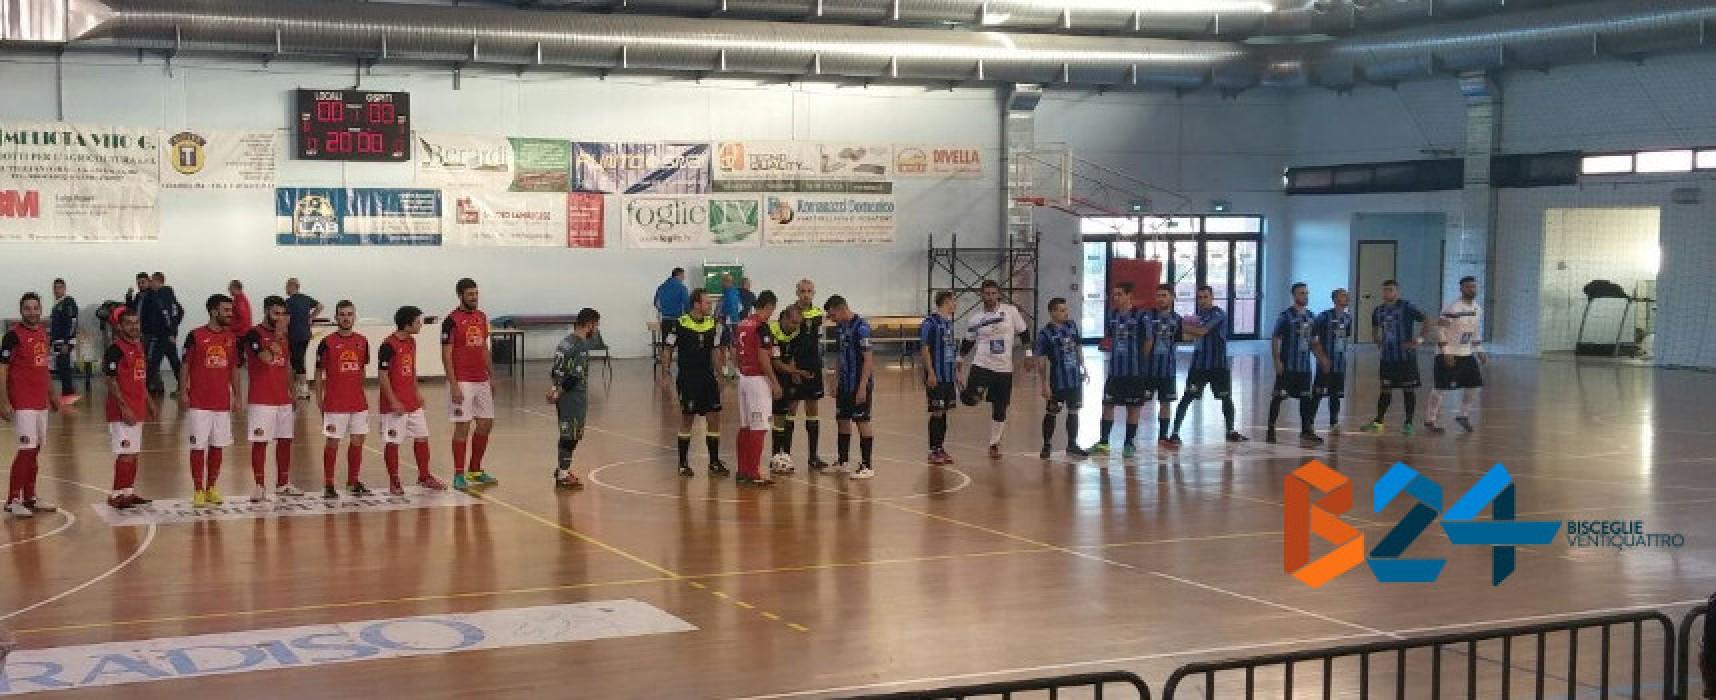 La doppietta di Sanchez non basta, Futsal Bisceglie sconfitto a Noicattaro